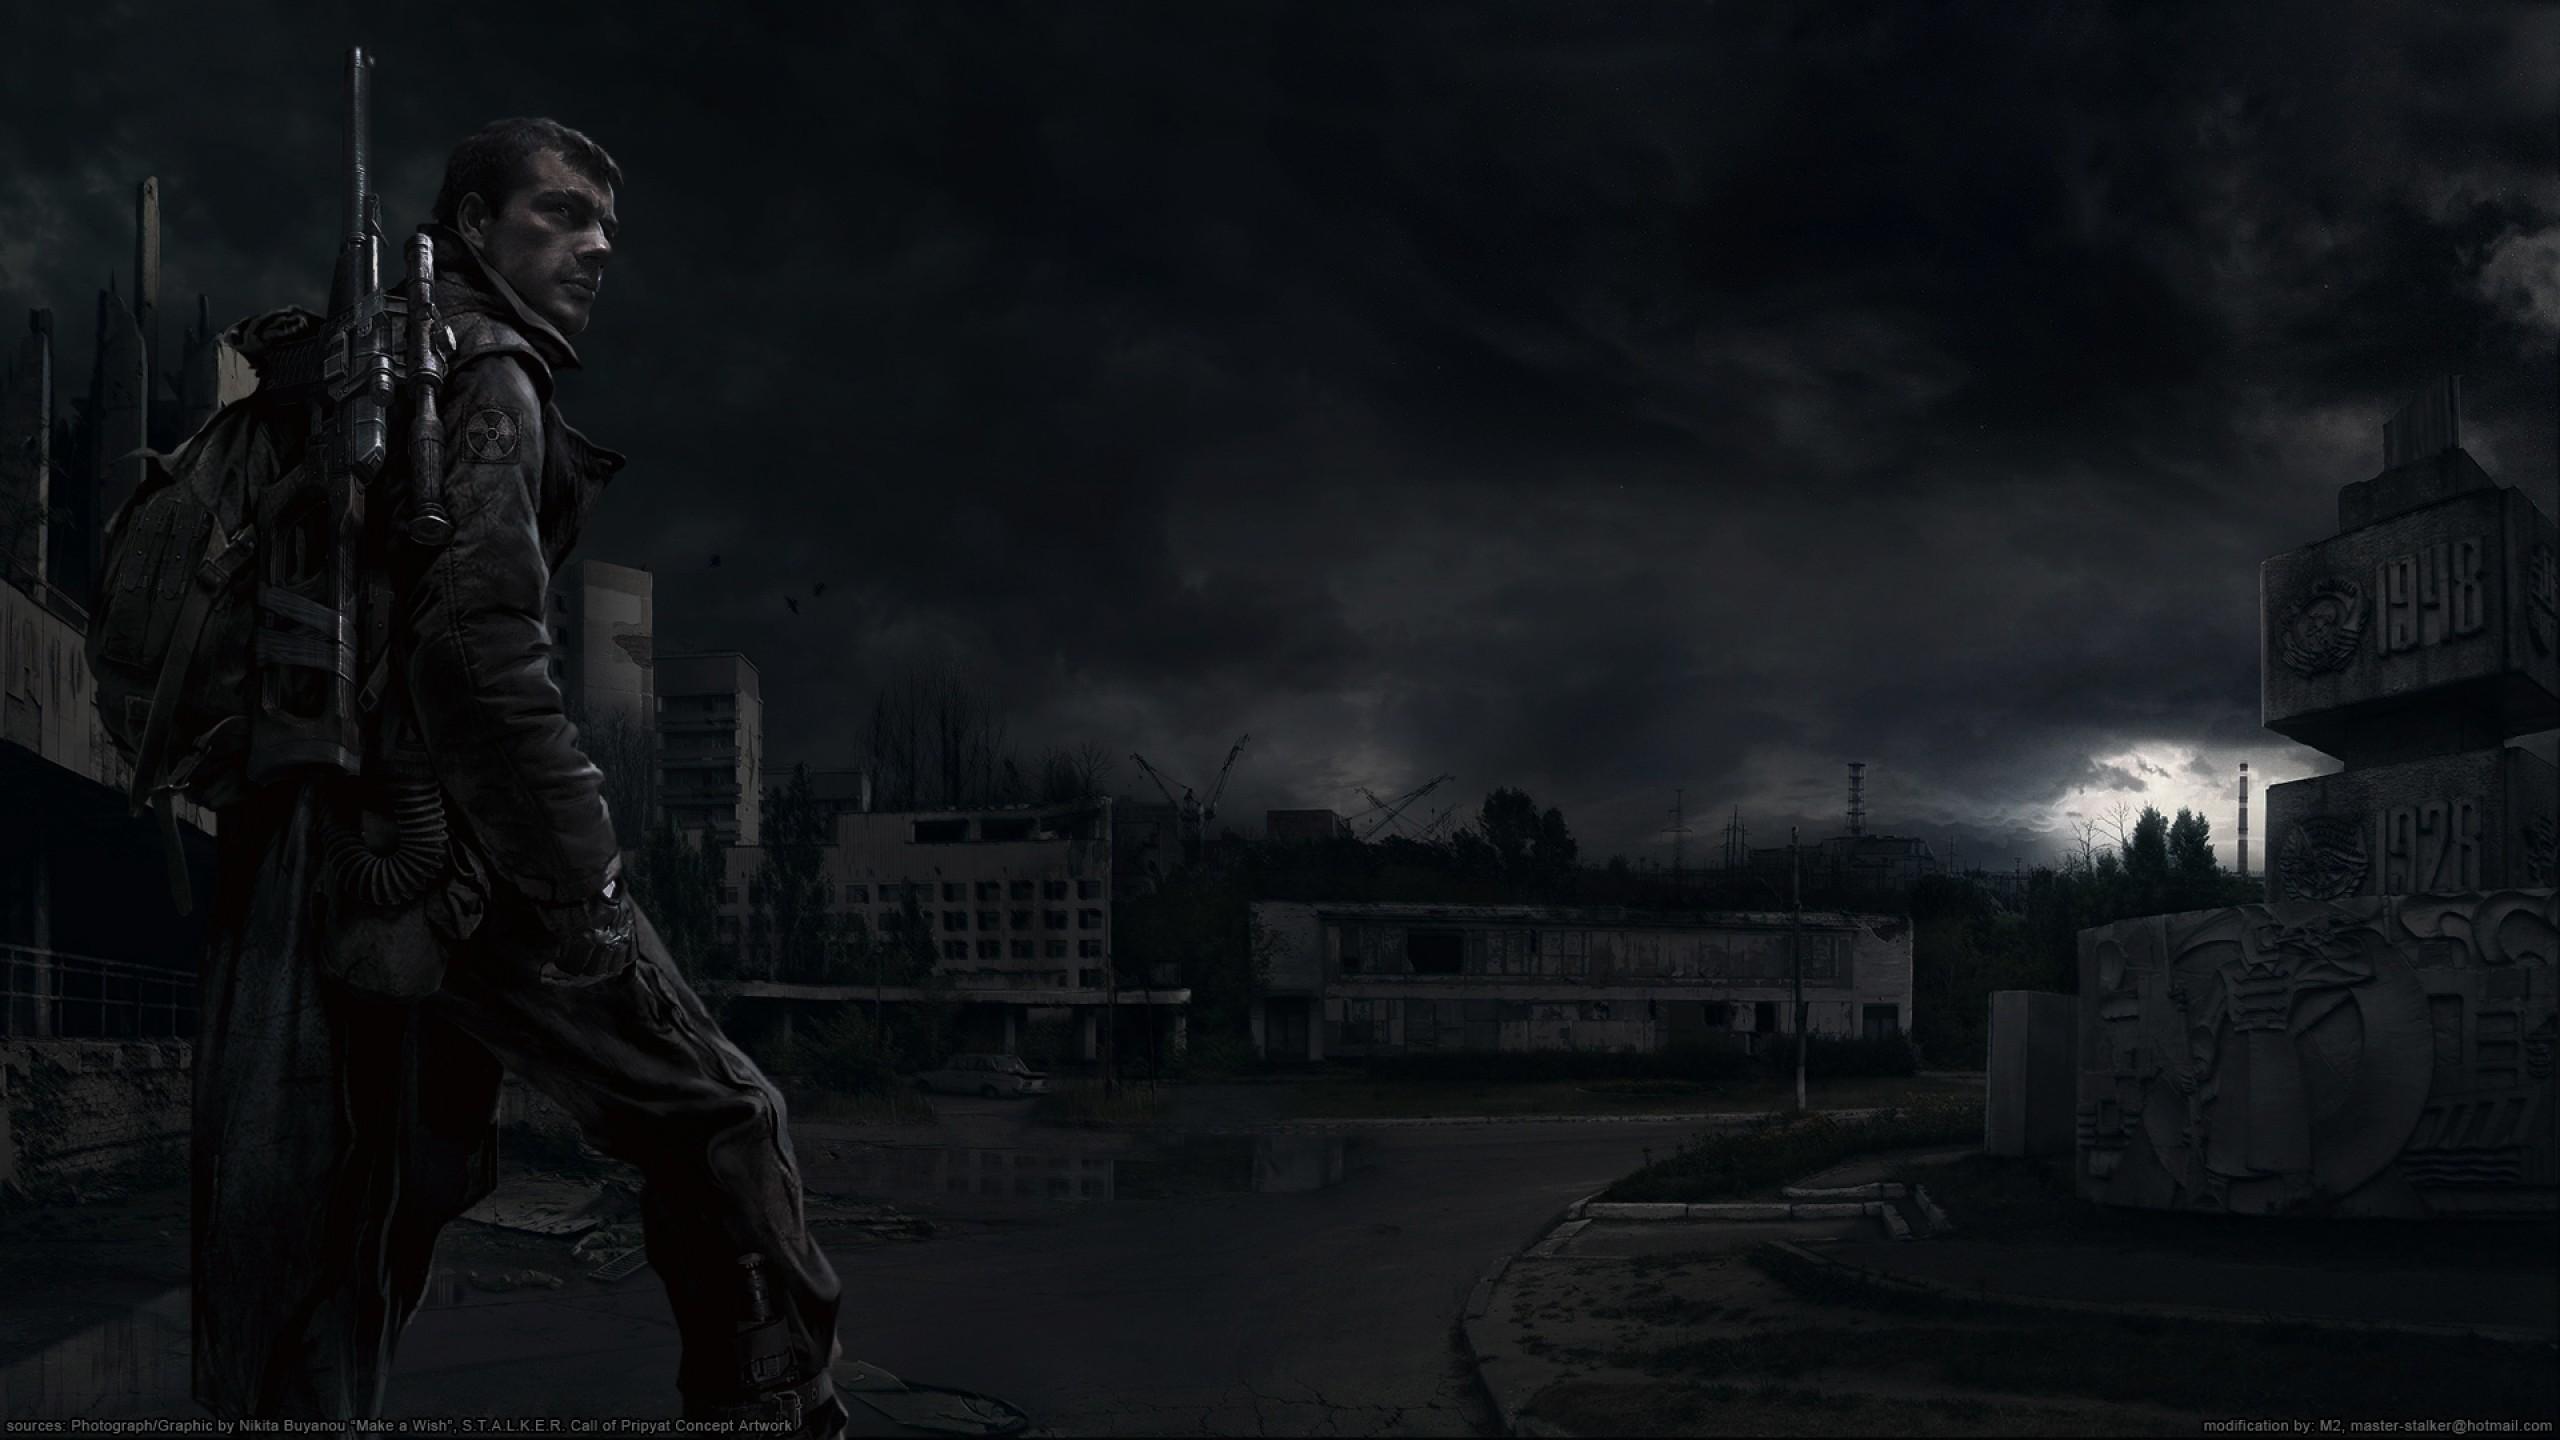 Stalker Shadow Of Chernobyl Wallpaper Hd